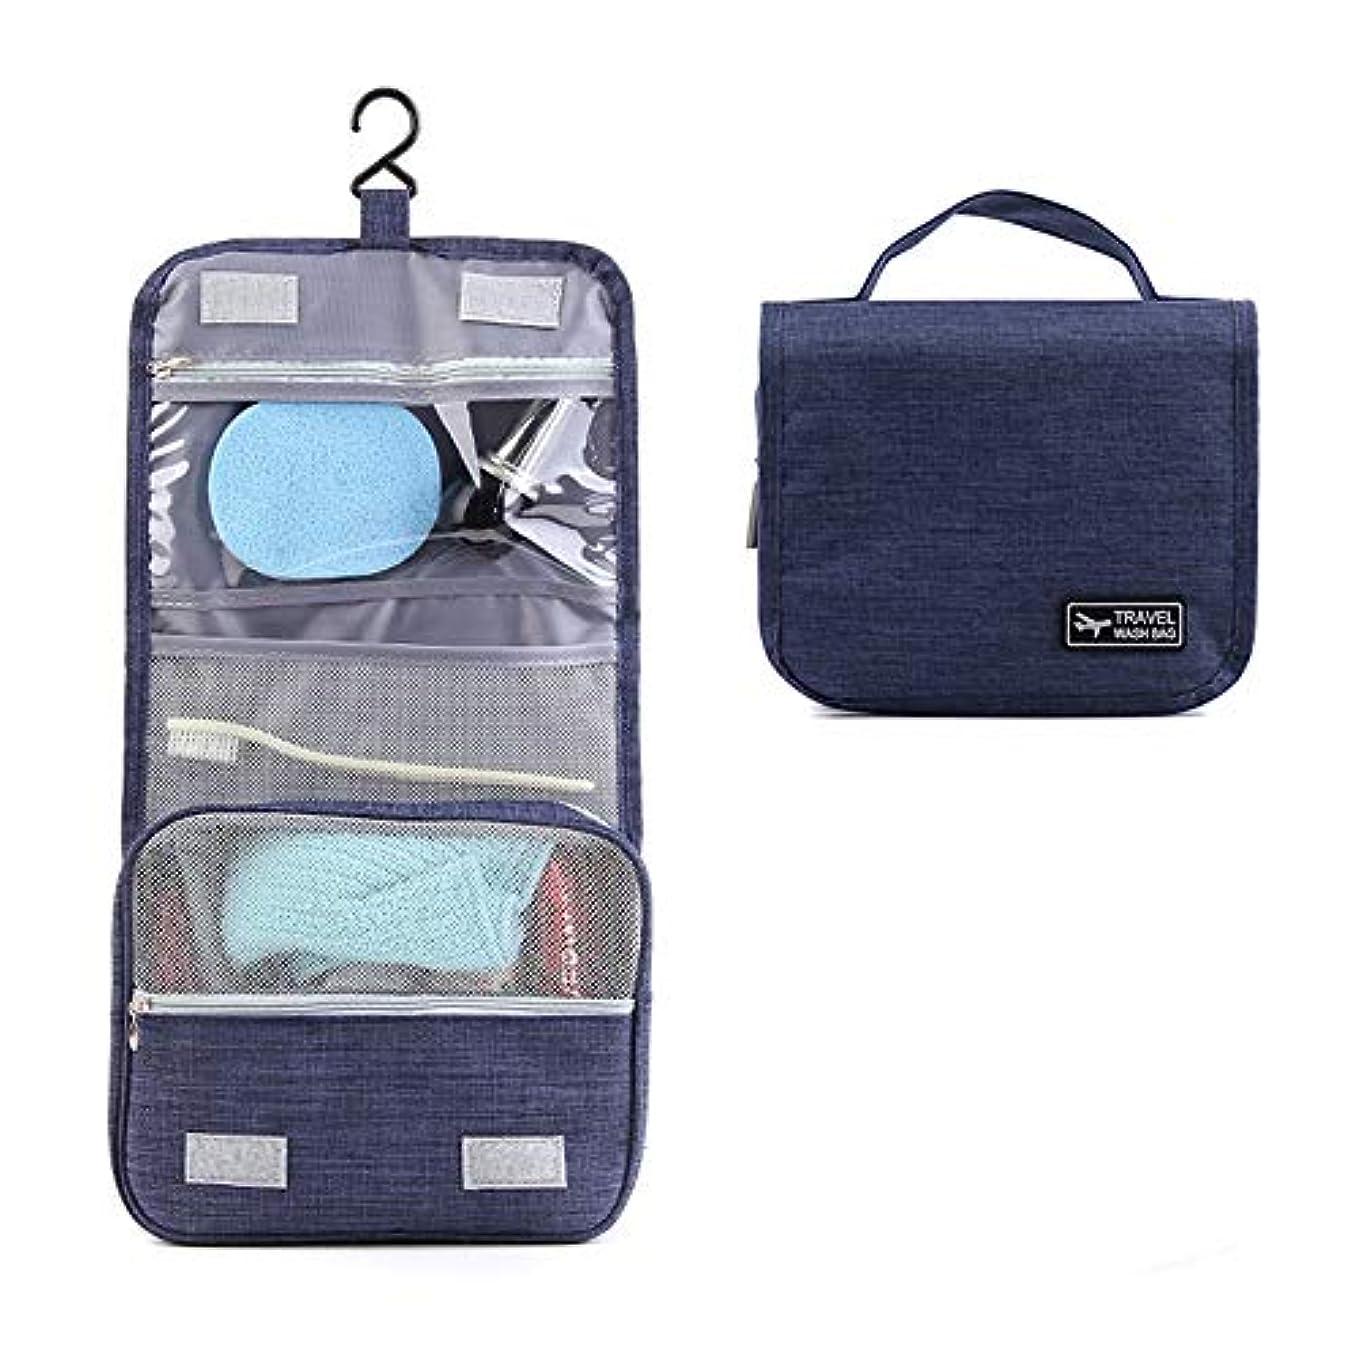 形容詞機械的更新するHFGZ-Huan 旅行トイレタリーバッグ、キャンバスレザー化粧品化粧オーガナイザーシェービングドップケース用男性と女性 (Color : Navy blue)